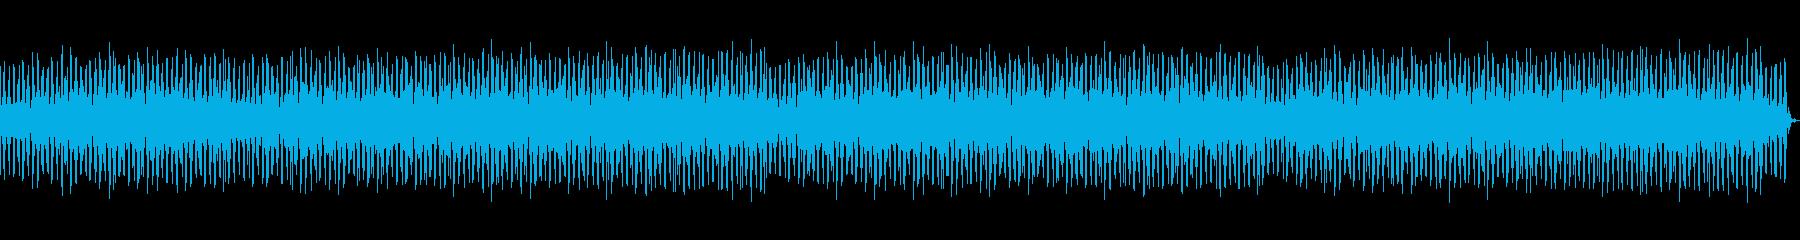 ジャングルっぽいゆったりしたレゲエの再生済みの波形